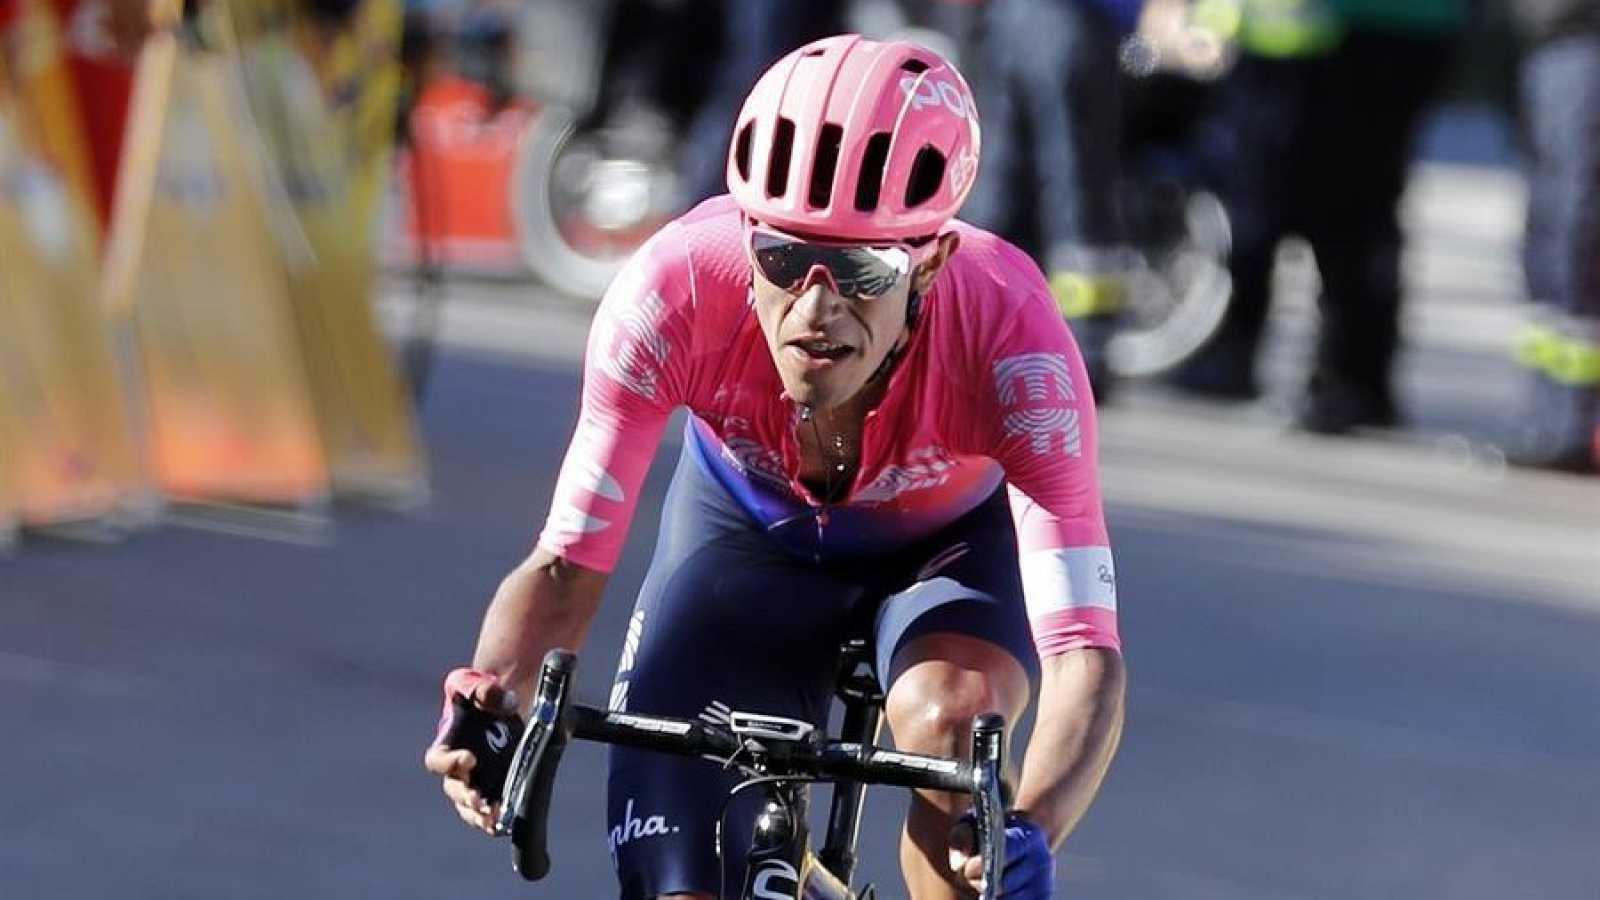 El corredor del Education First, Daniel Felipe Martínez no tomará salida en la etapa 4 de La Vuelta a España 2020